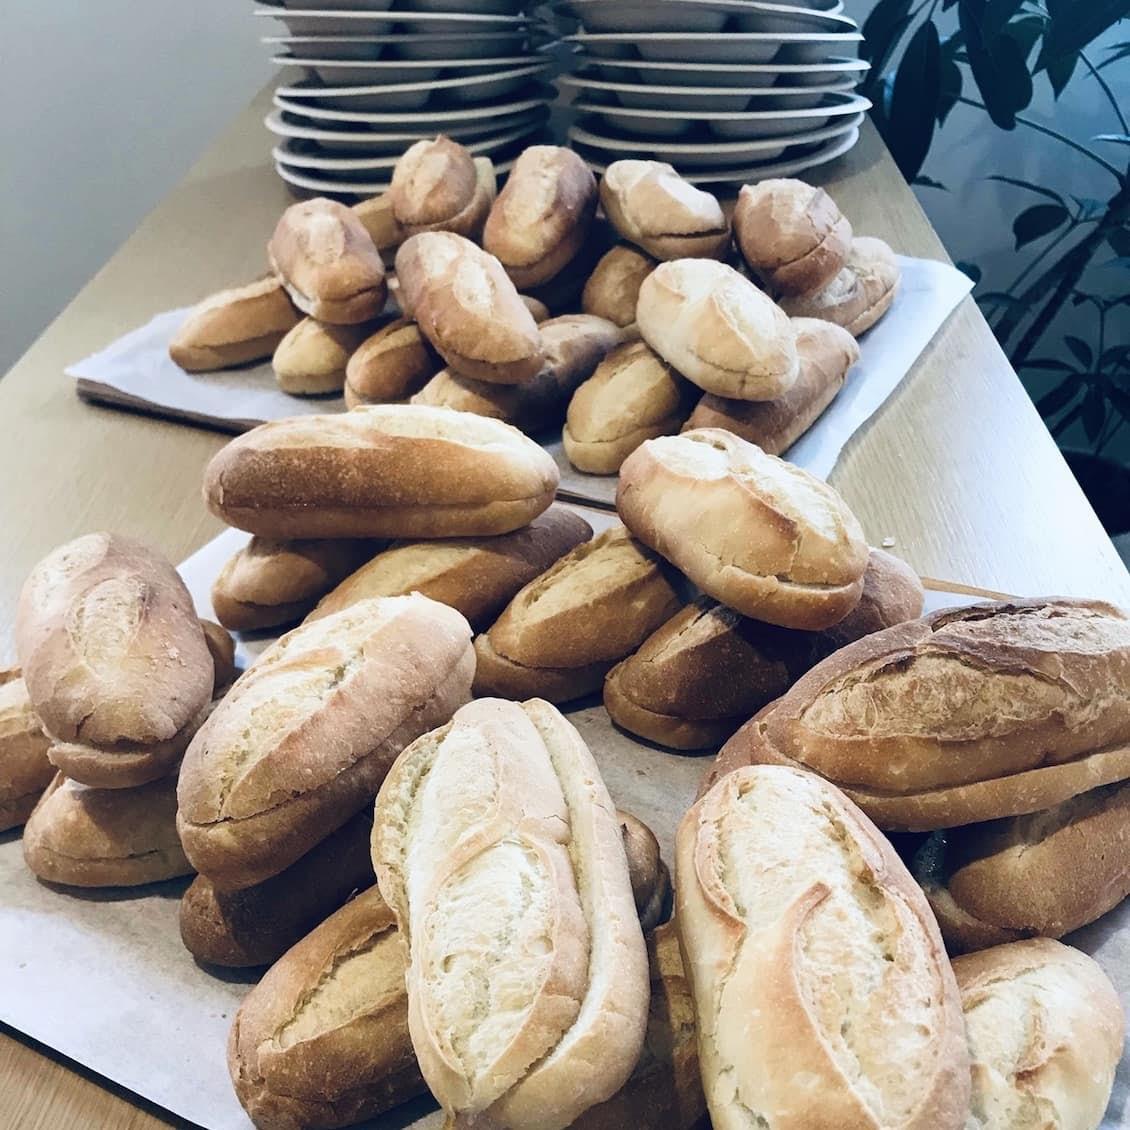 【クラシコムの社員食堂】つけ合わせはナポリタン! 自家製パンで、サンドイッチのお昼ごはん